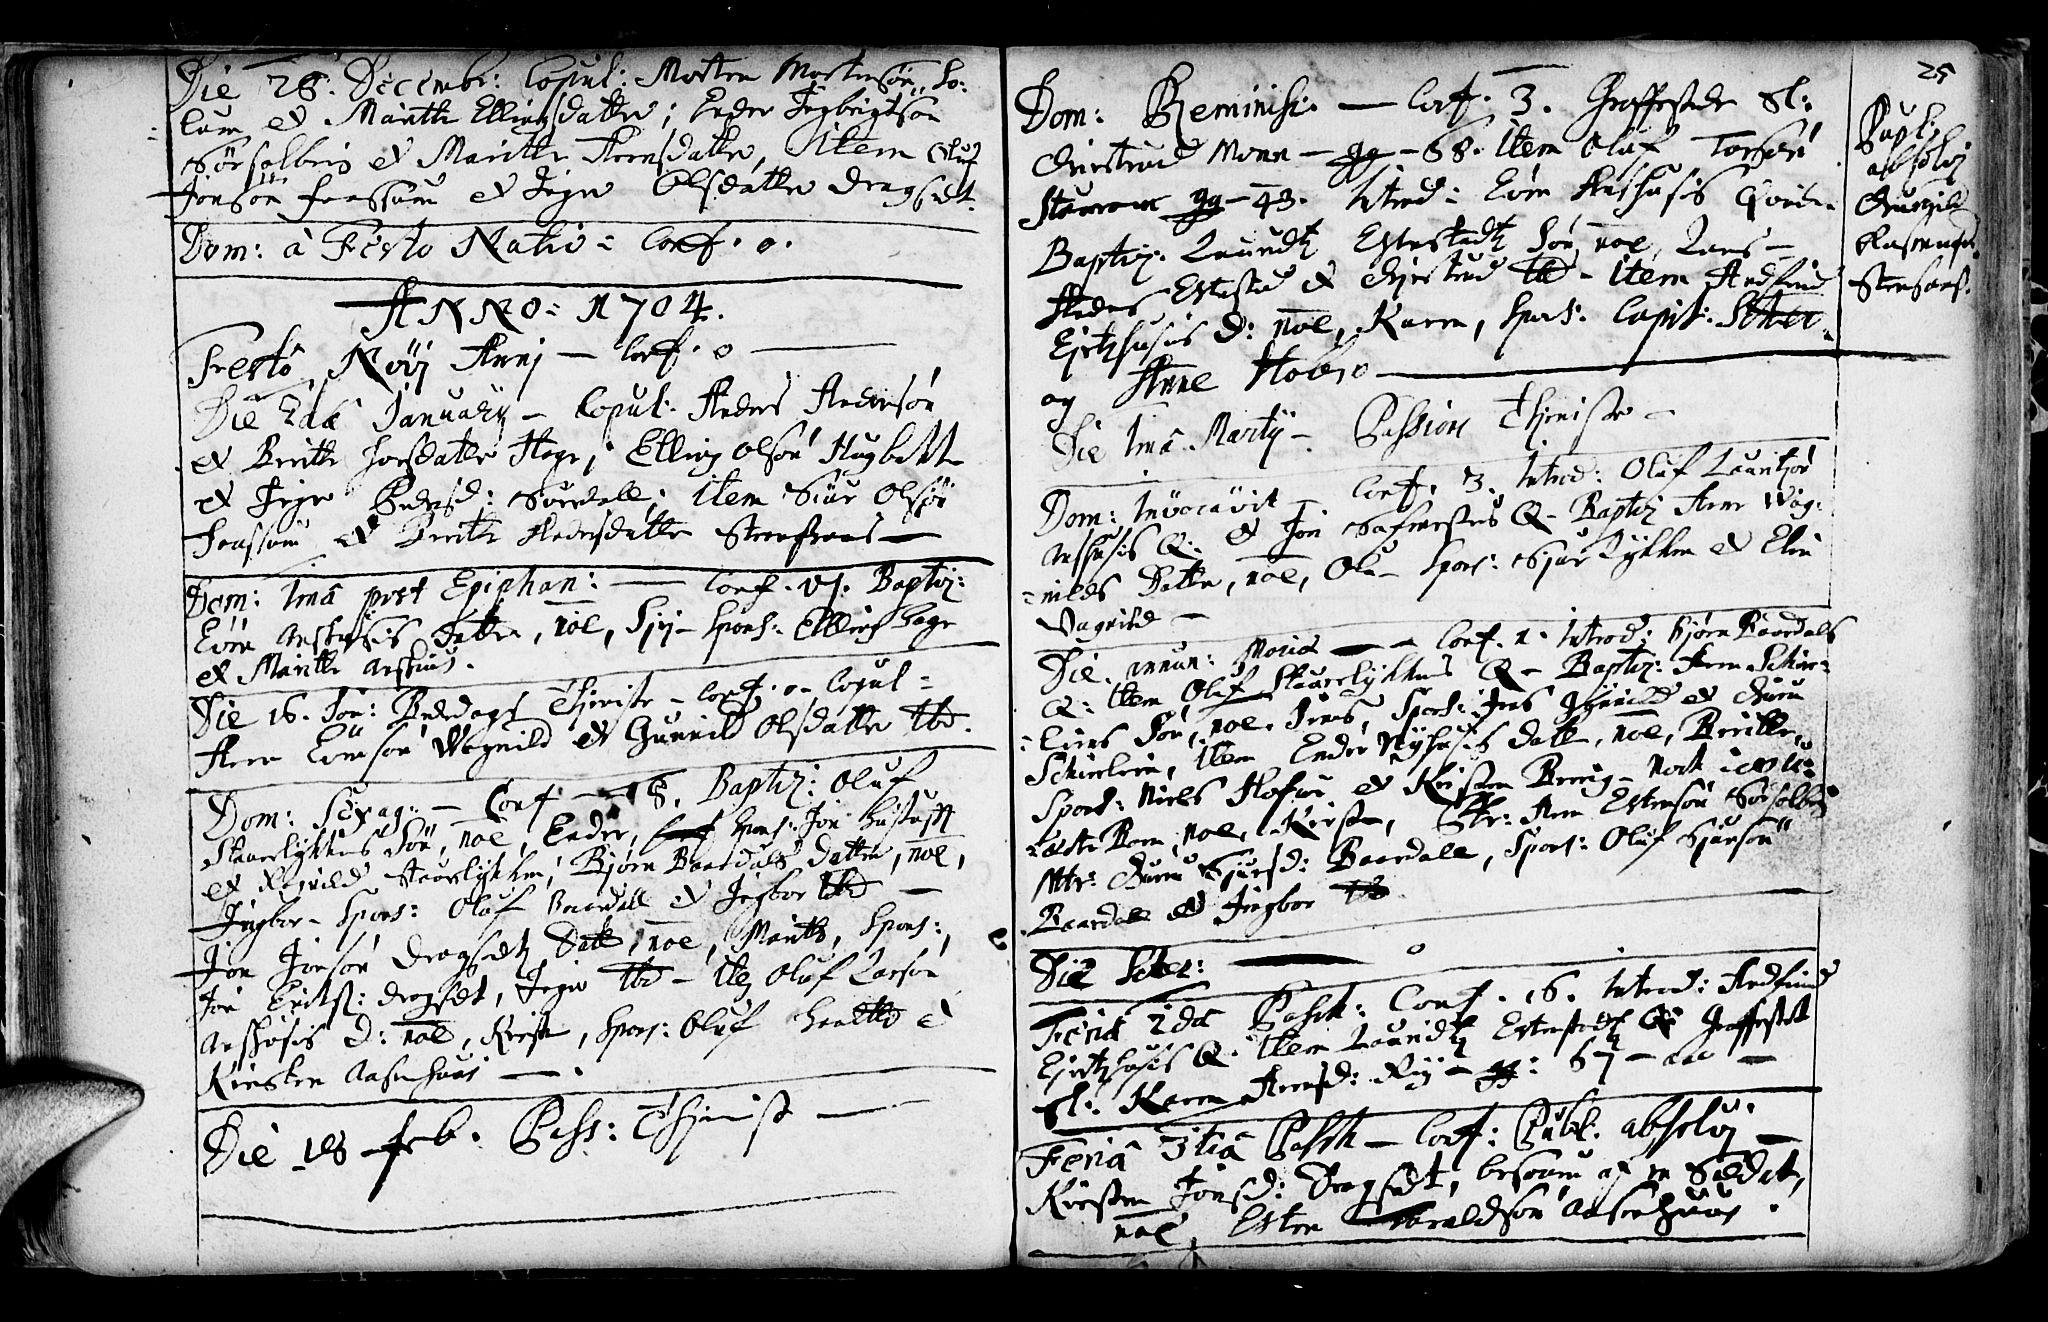 SAT, Ministerialprotokoller, klokkerbøker og fødselsregistre - Sør-Trøndelag, 689/L1036: Ministerialbok nr. 689A01, 1696-1746, s. 25